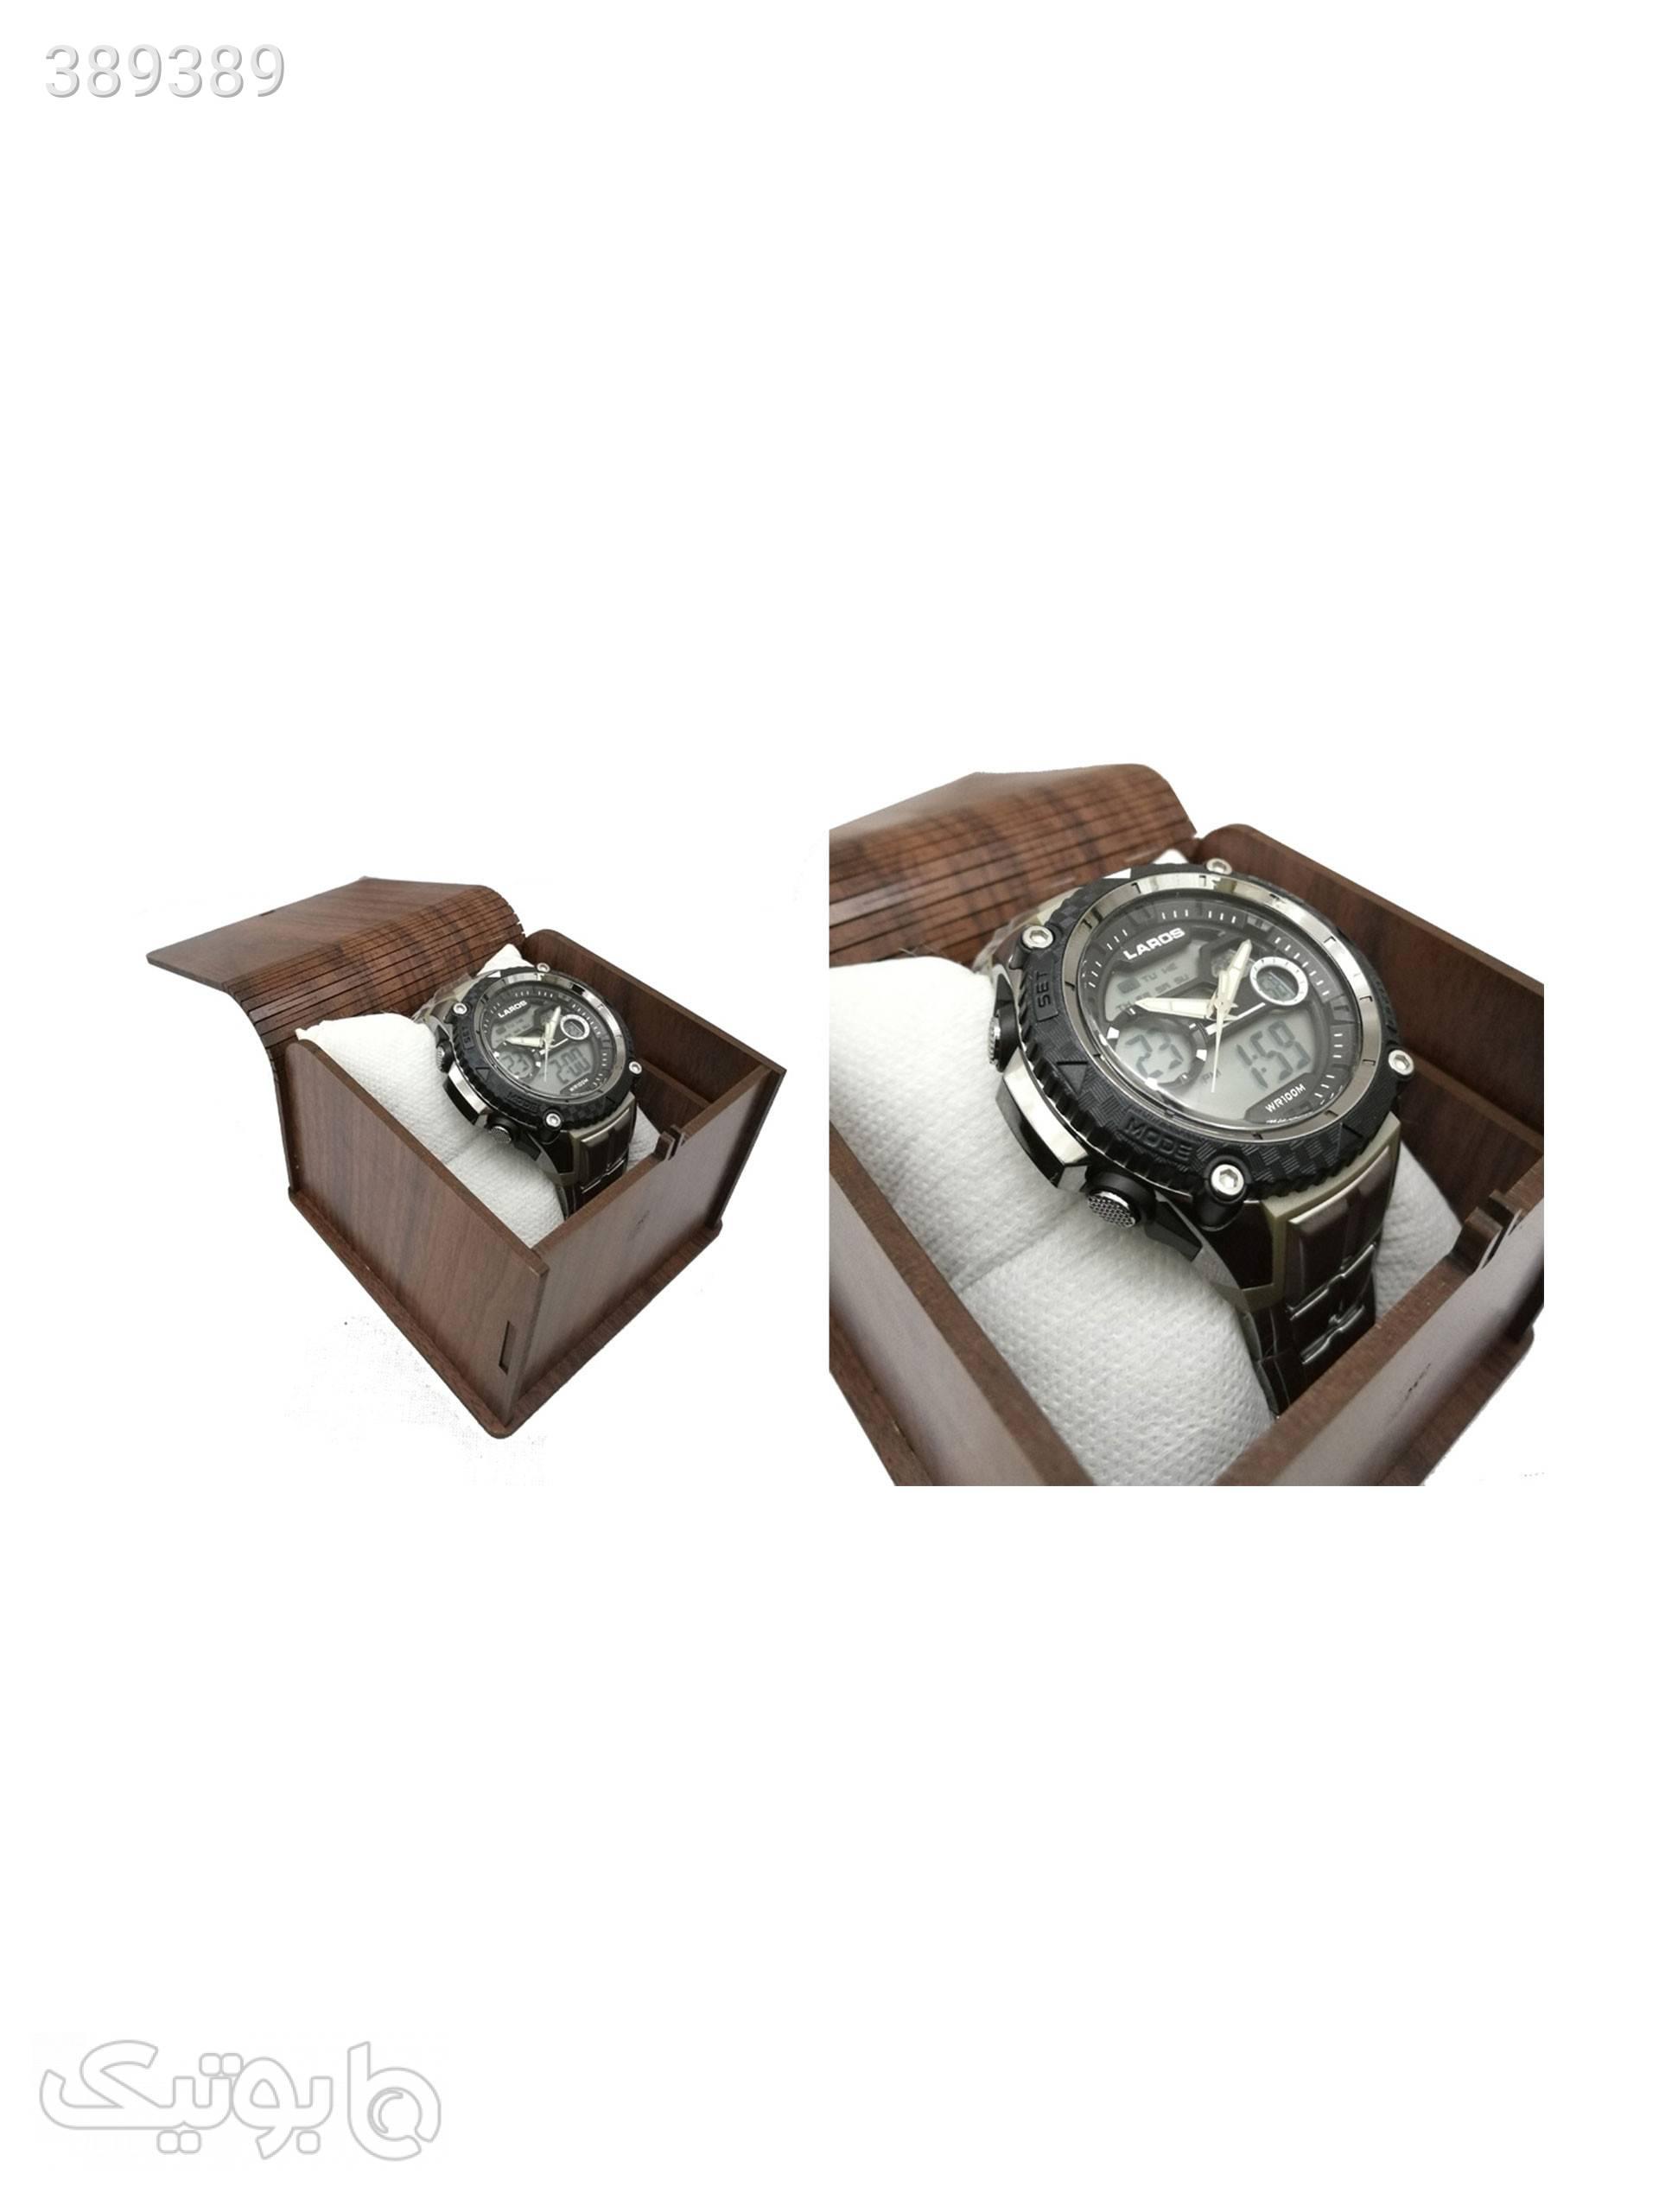 ساعت مچی عقربه ای دیجیتال لاروس مدل0317-ad1146 نقره ای ساعت